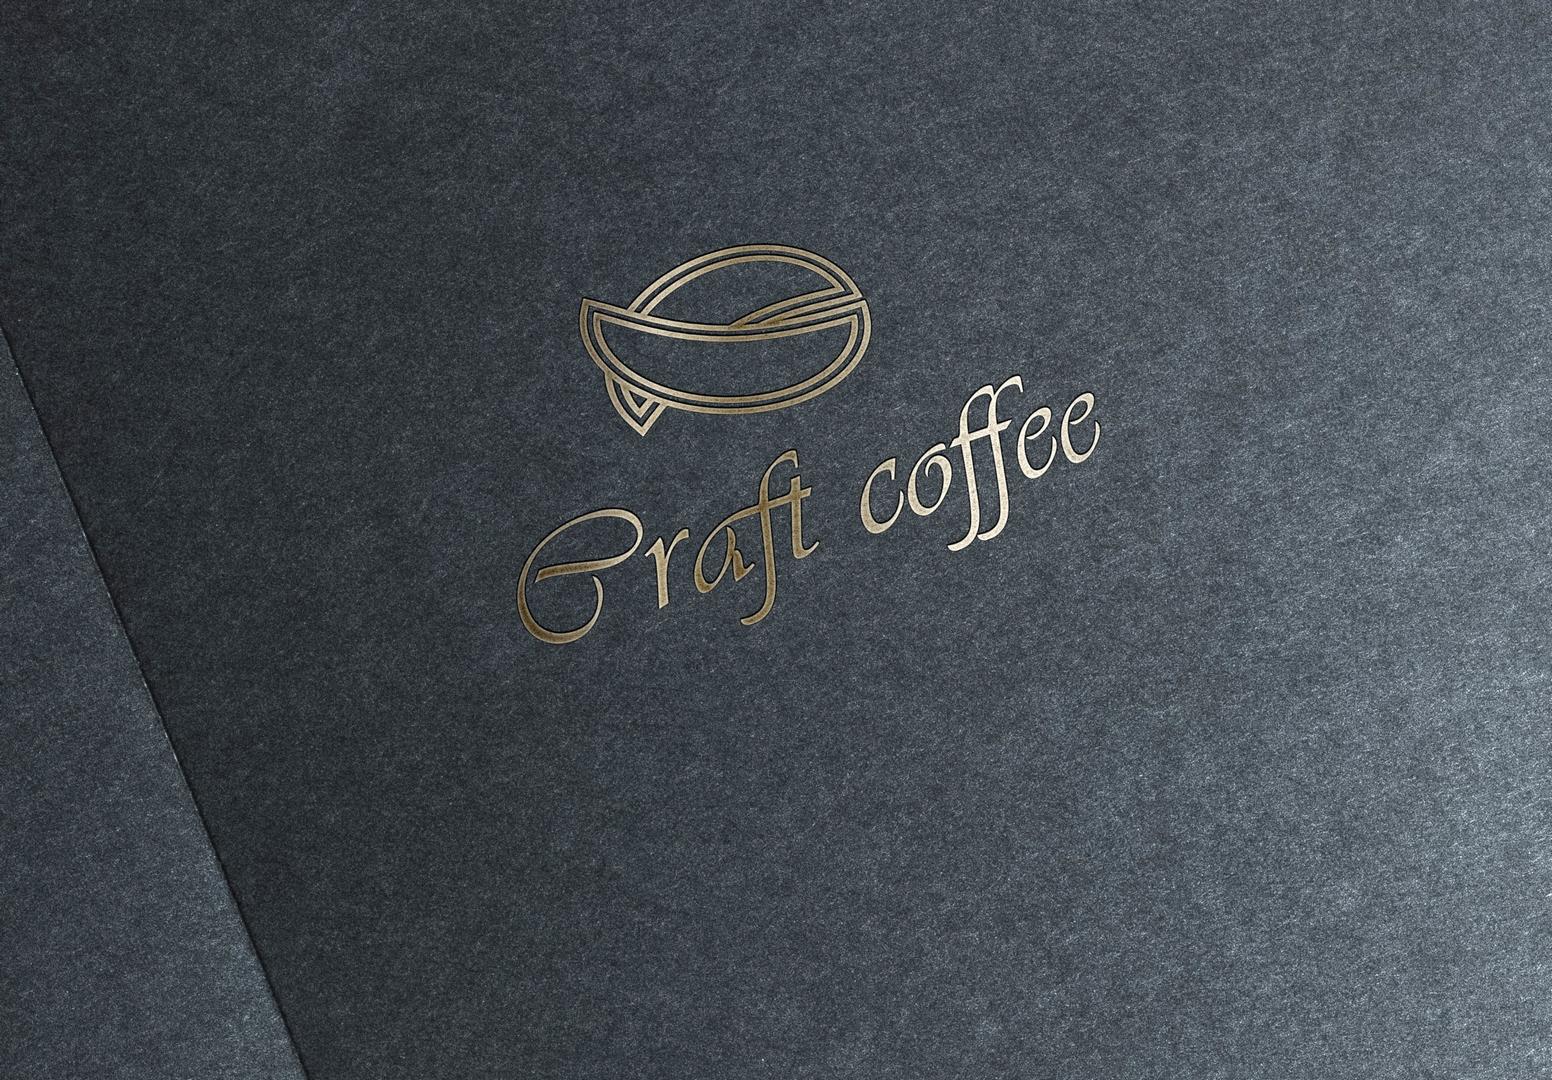 Логотип и фирменный стиль для компании COFFEE CULT фото f_1375bbb3da9de458.jpg